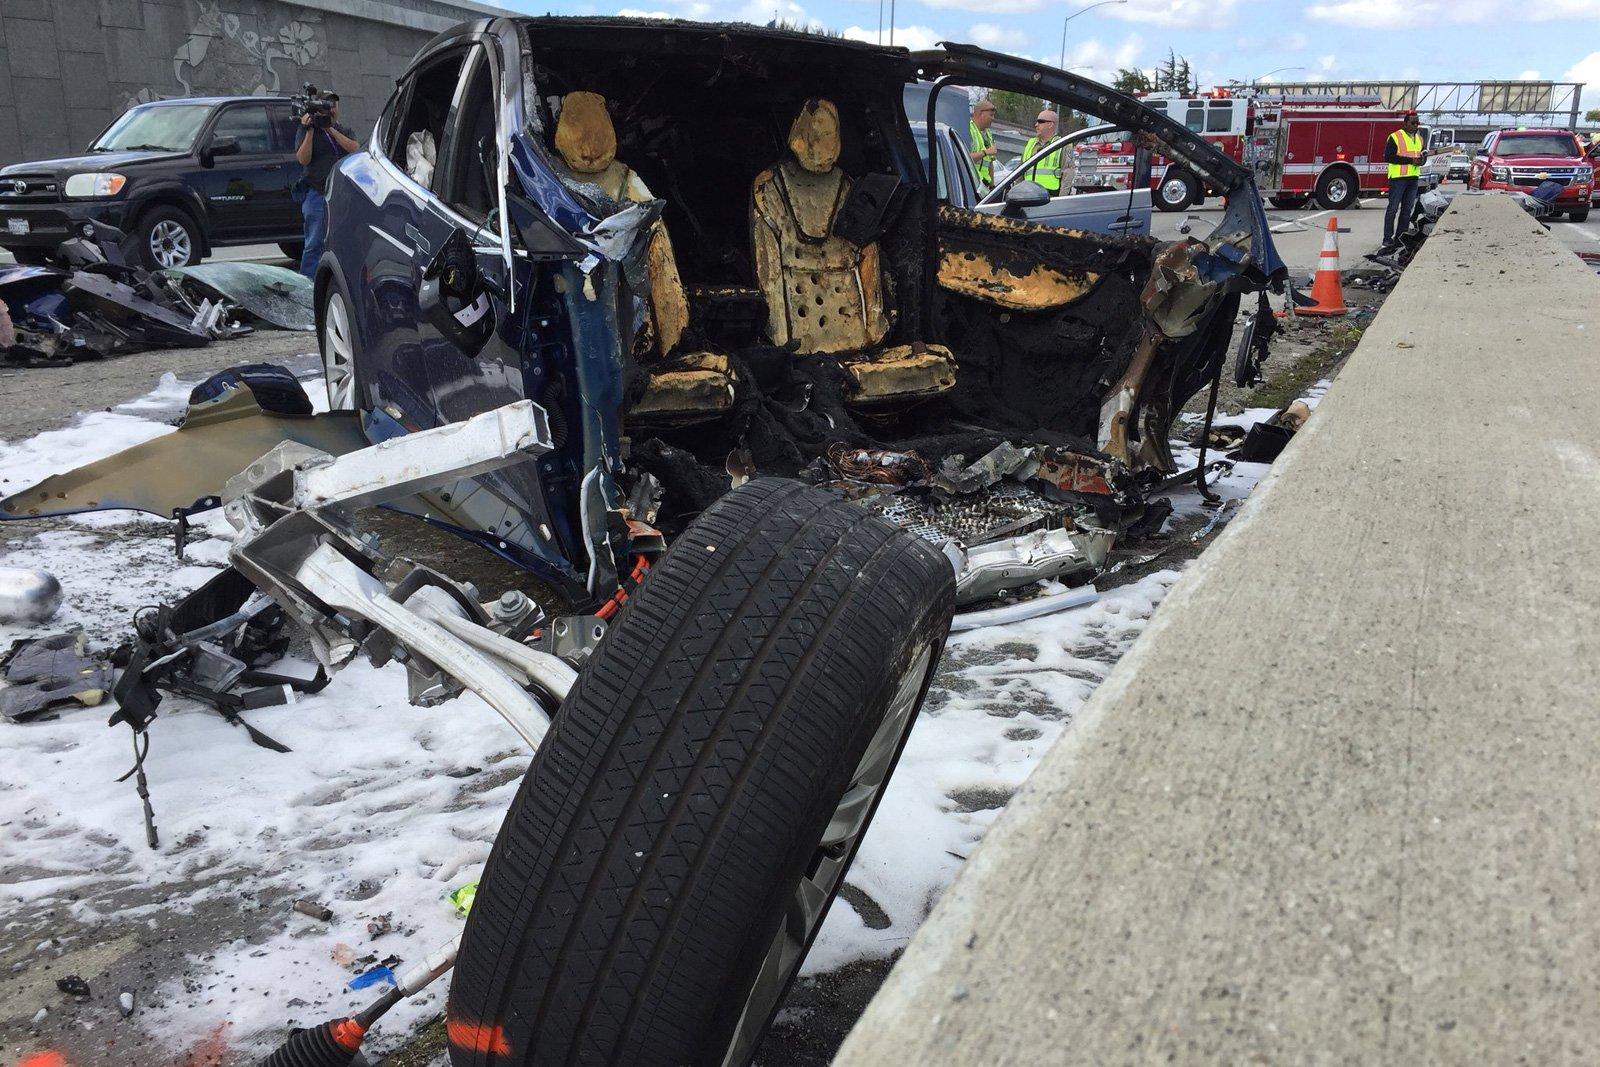 Водитель Tesla Model X разбился насмерть в Маунтин-Вью